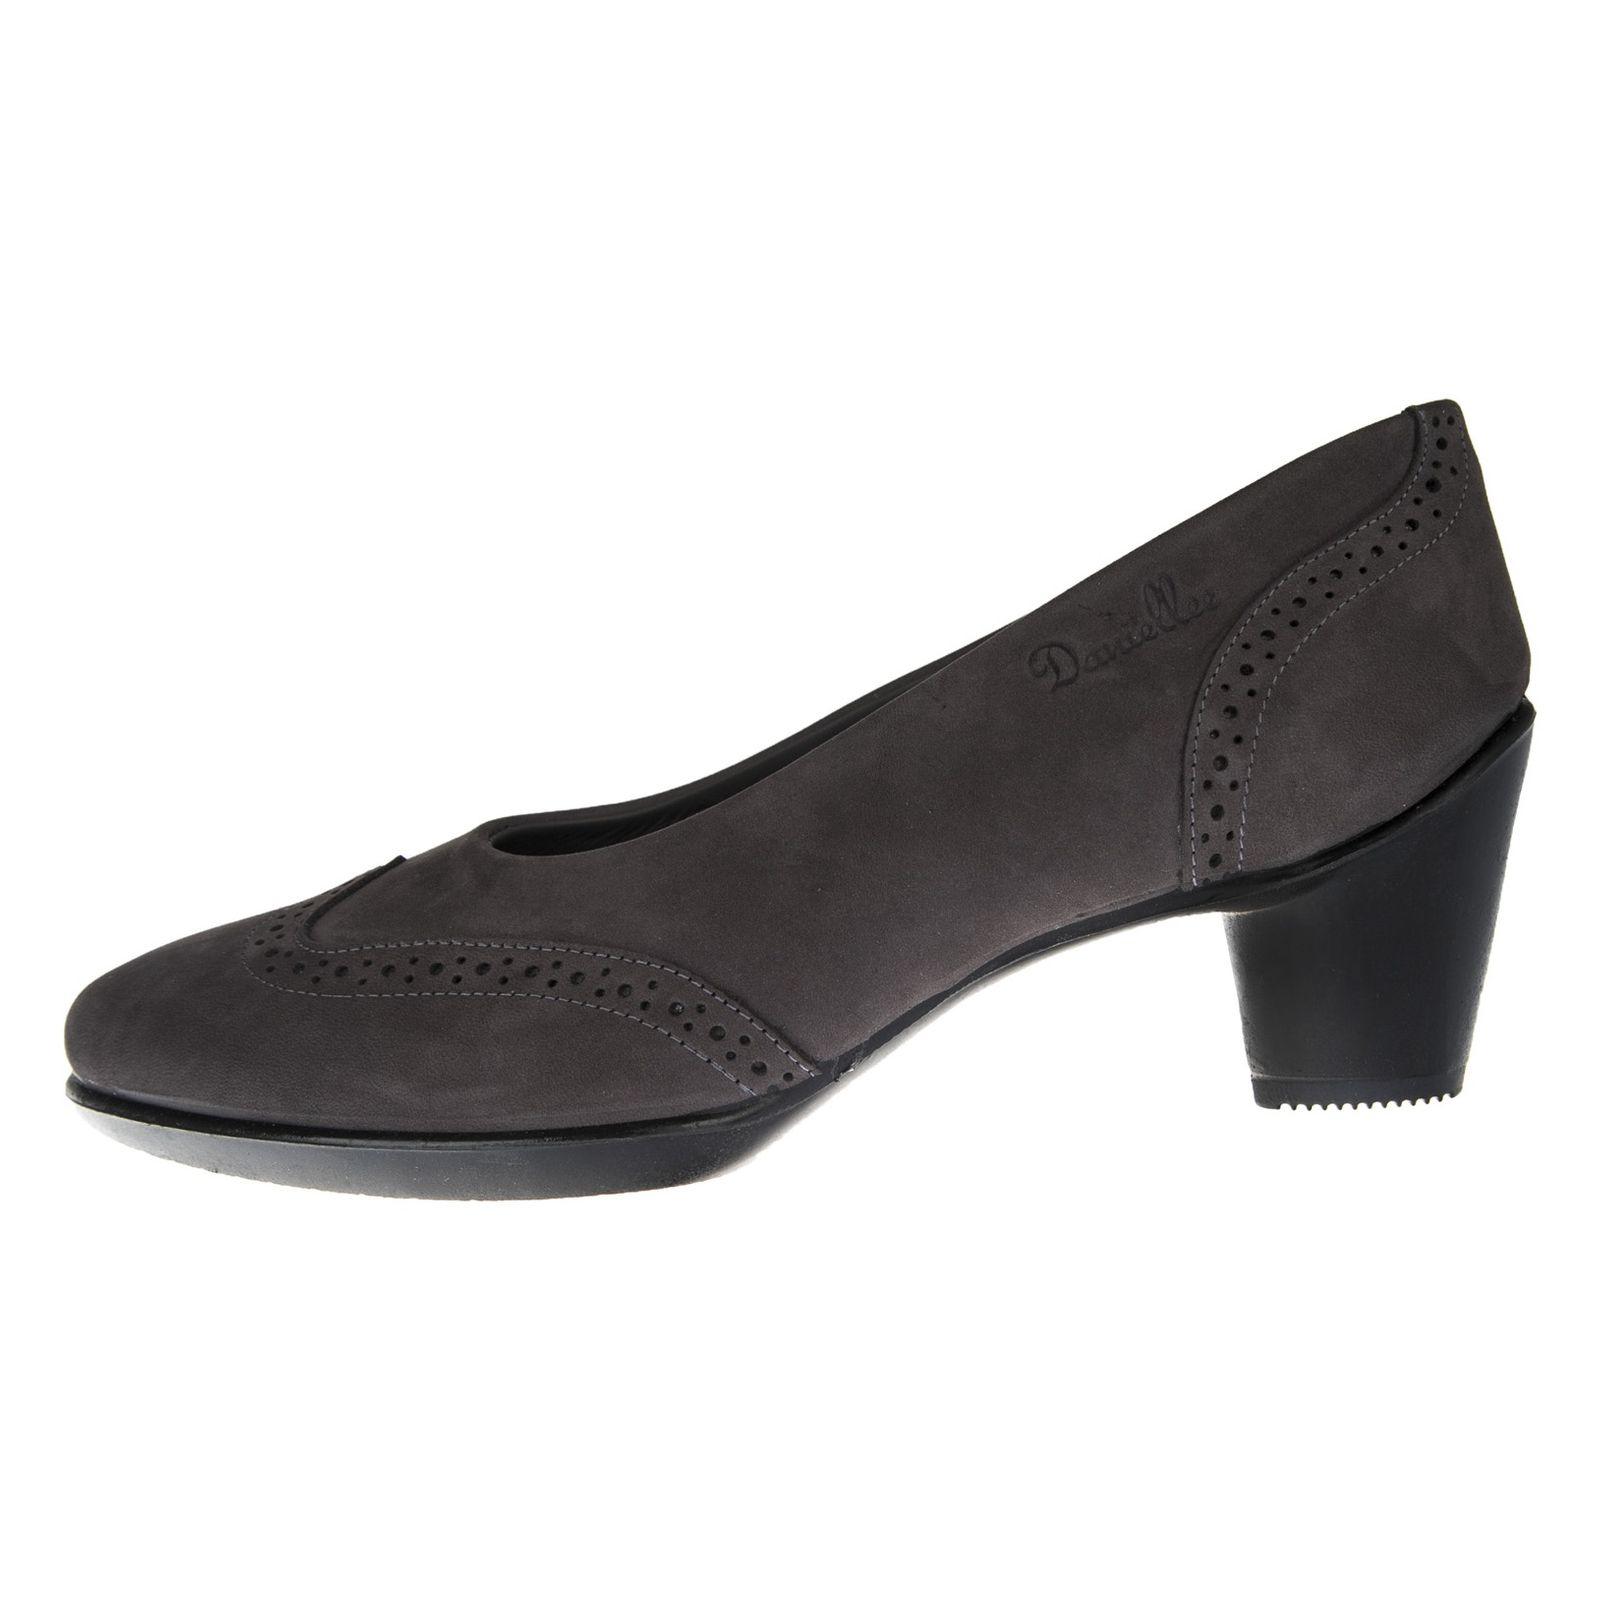 کفش زنانه دنیلی مدل 102140112201 main 1 1